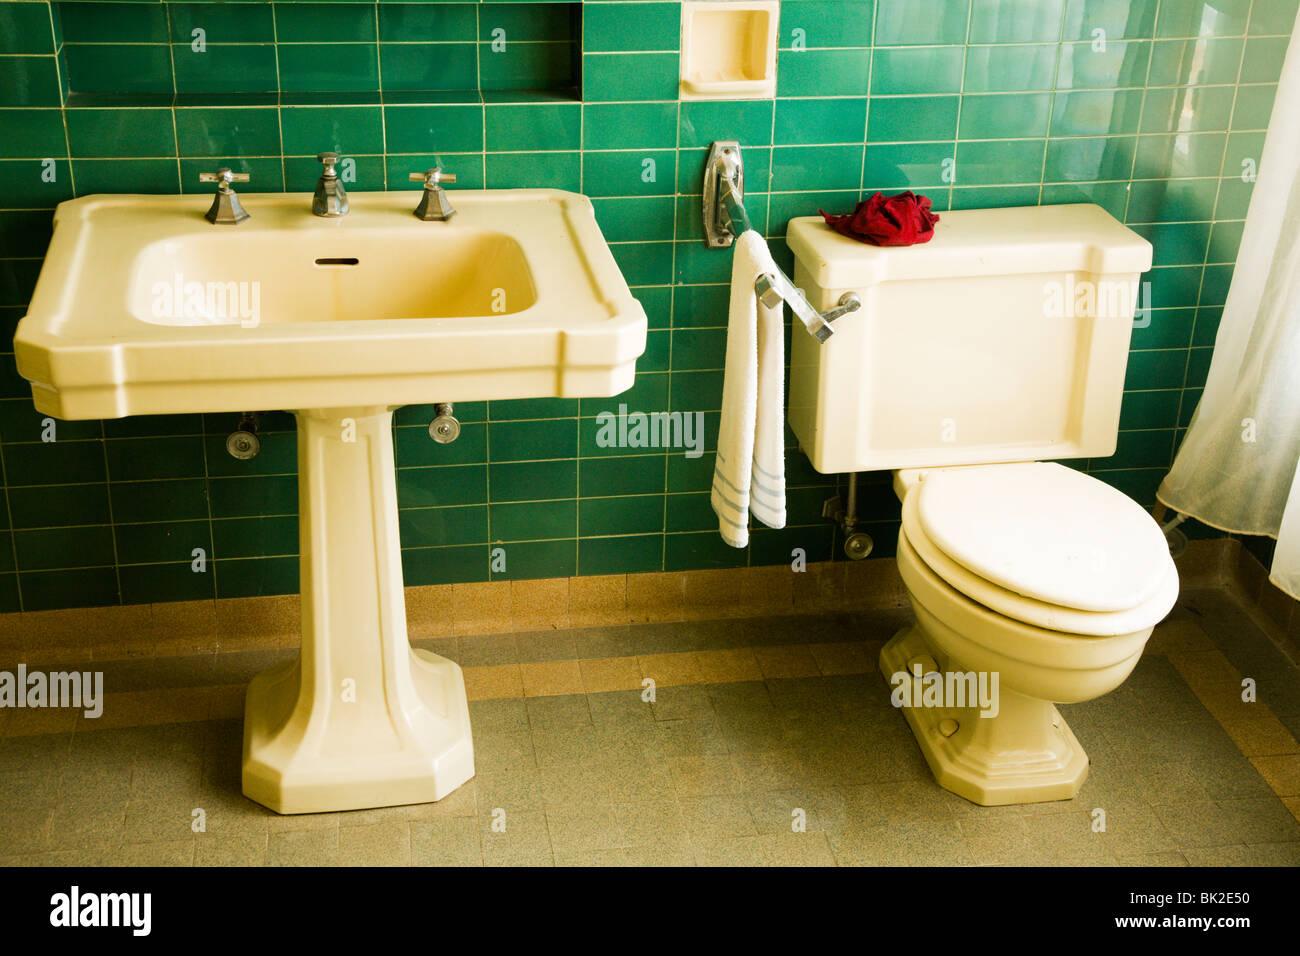 Art Nouveau Tile Designs Bathroom Html on